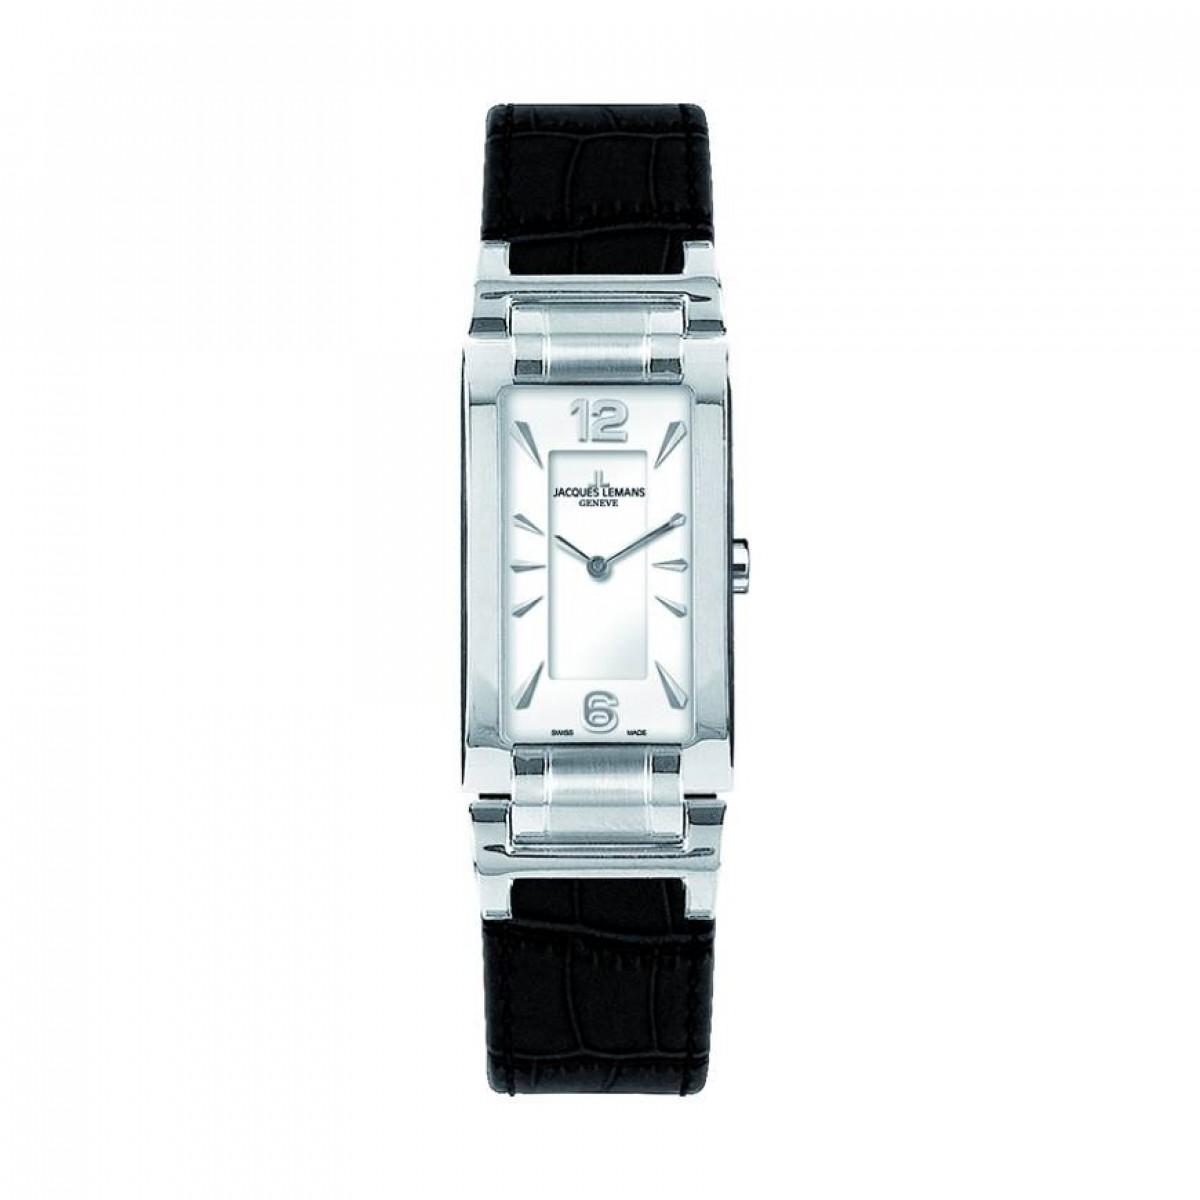 Часовник Jacques Lemans G-228 A